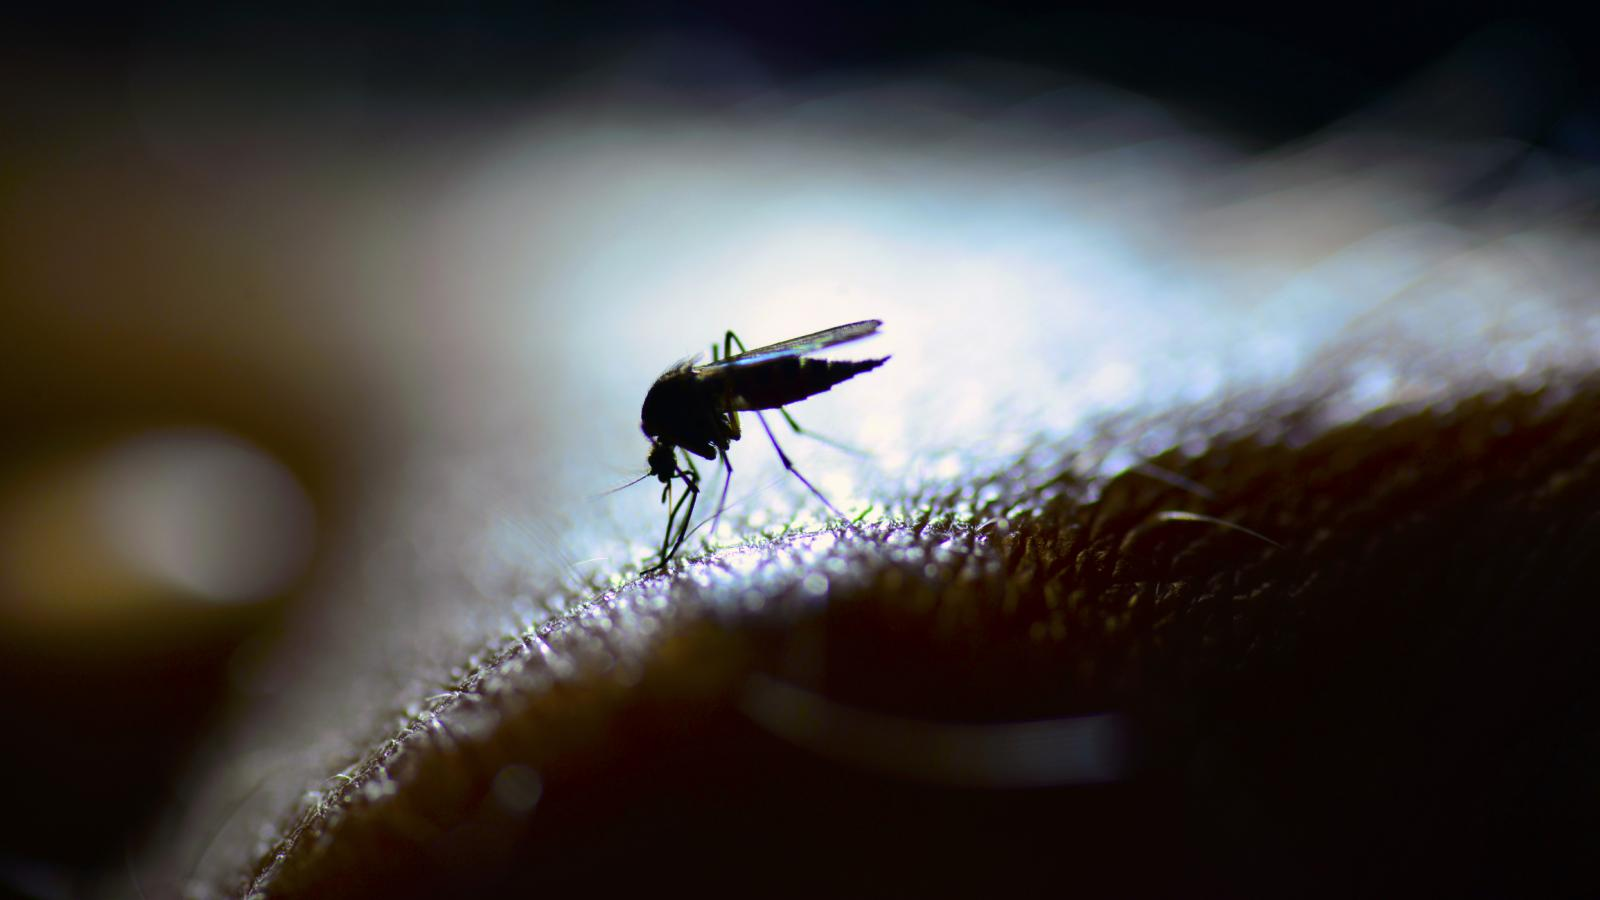 Pouzdane zaštite nema, no sprejevi protiv uboda insekata ipak mogu pomoći.